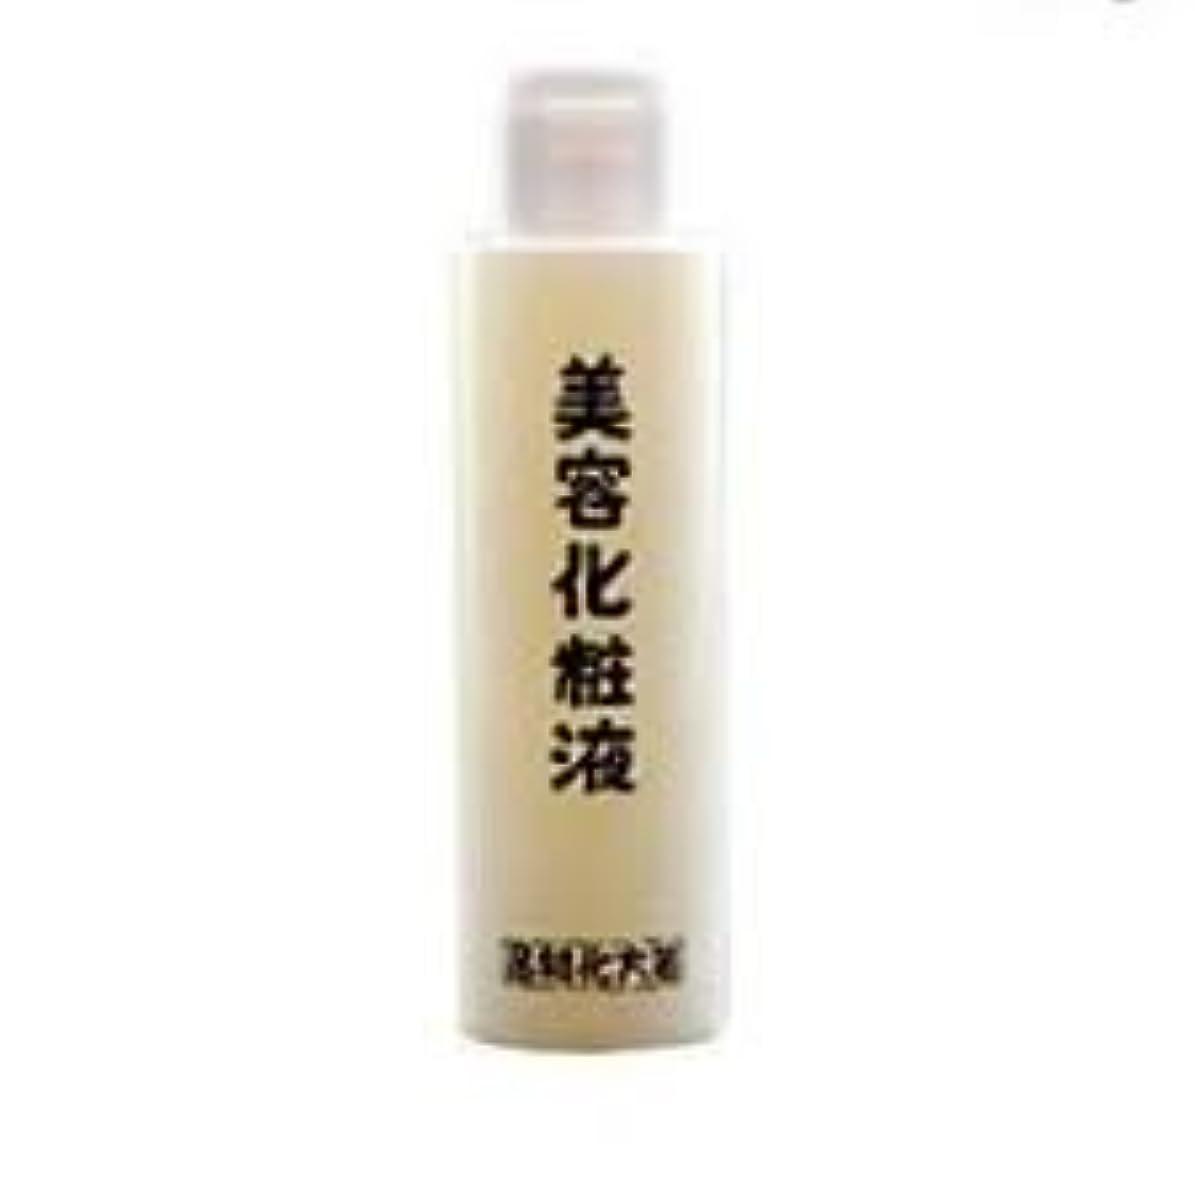 半球現像呼吸する箸方化粧品 美容化粧液 化粧水 120ml はしかた化粧品